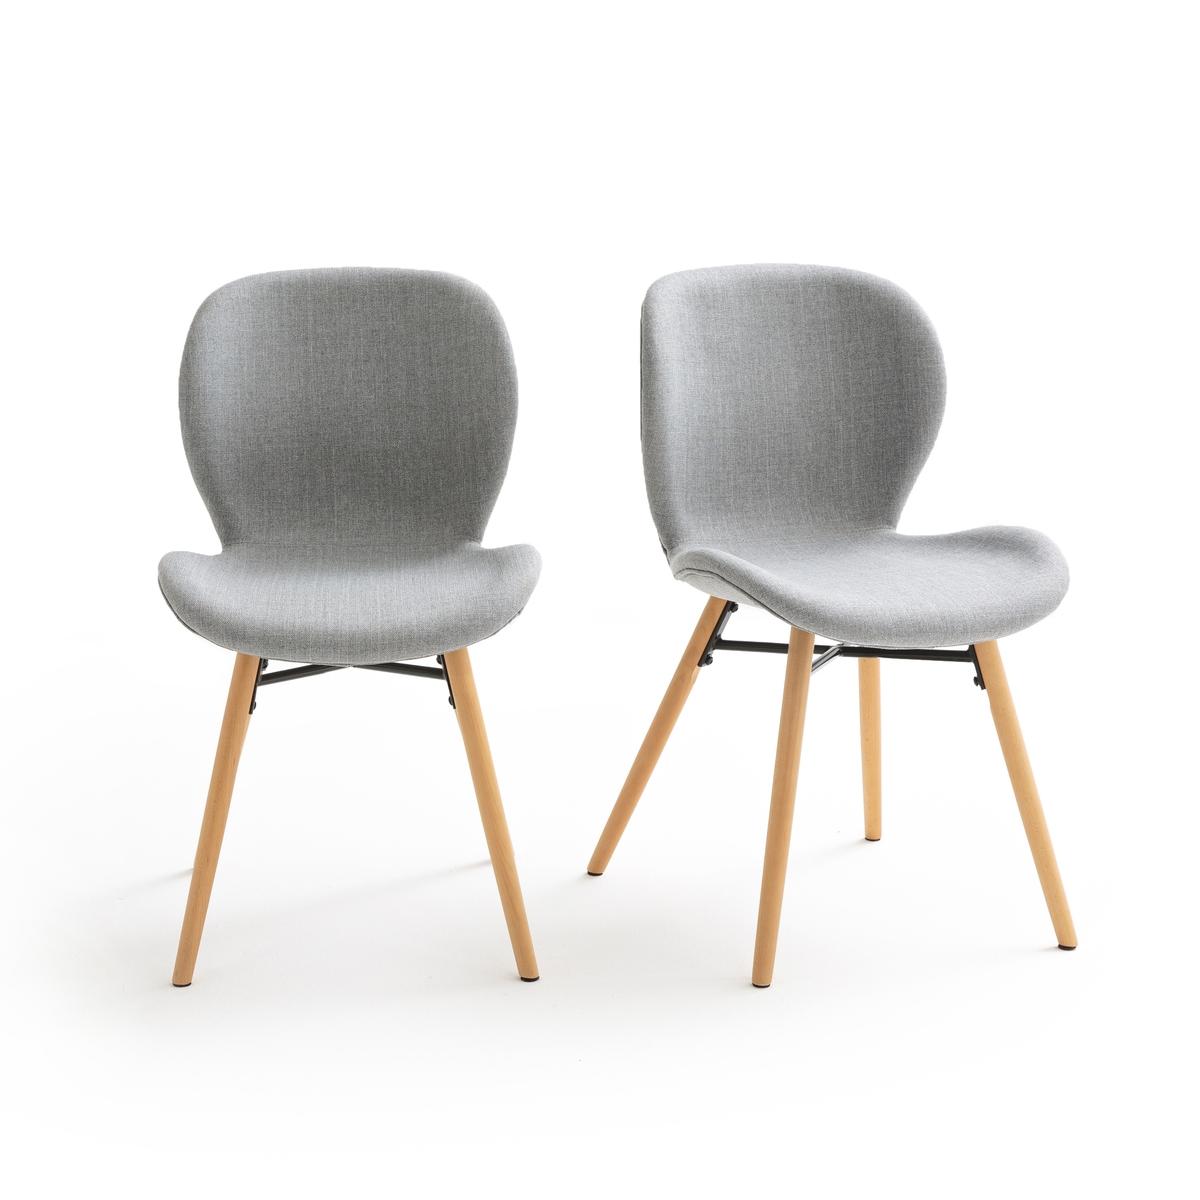 2 стула дизайнерских с обивкой из ткани, CRUESO